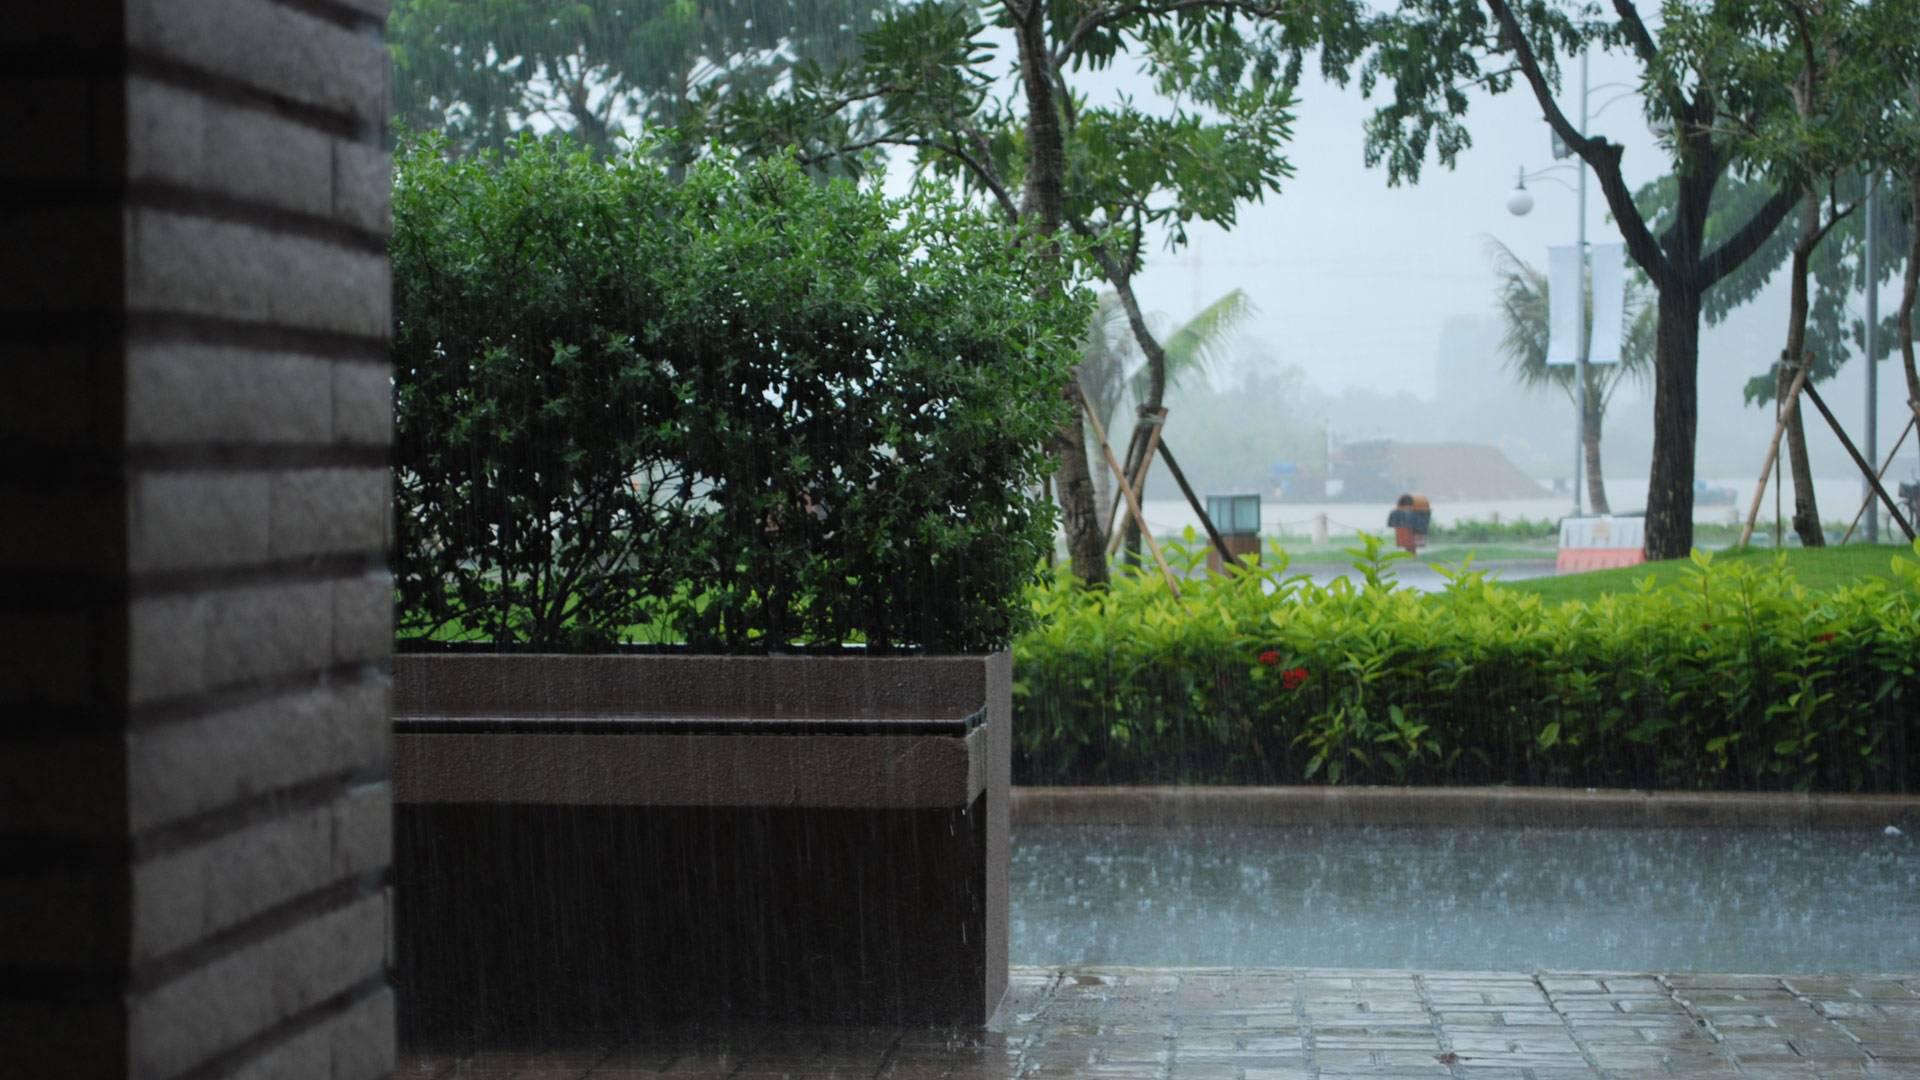 Regen wallpapers bureaublad achtergronden van regen - Rainy nature hd wallpaper ...